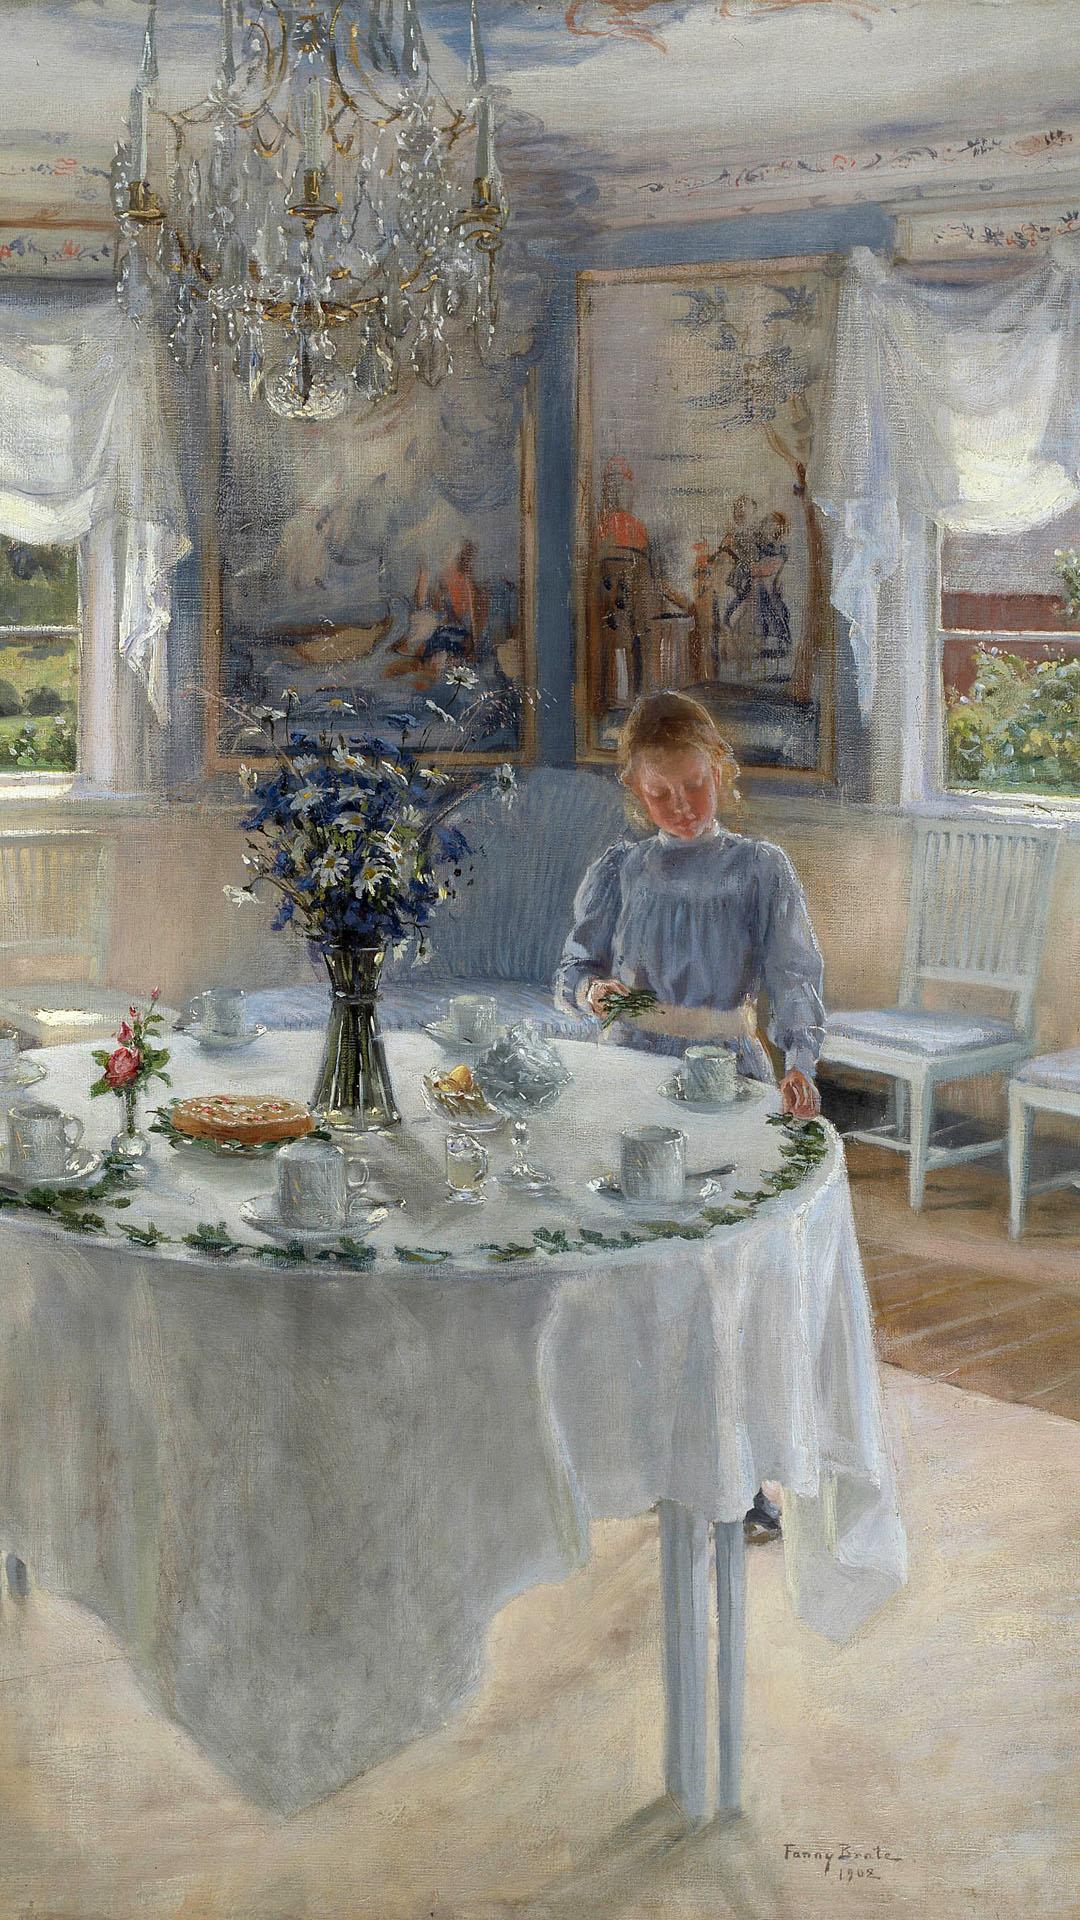 Fanny Brate - A Day of Celebration 1080x1920 2